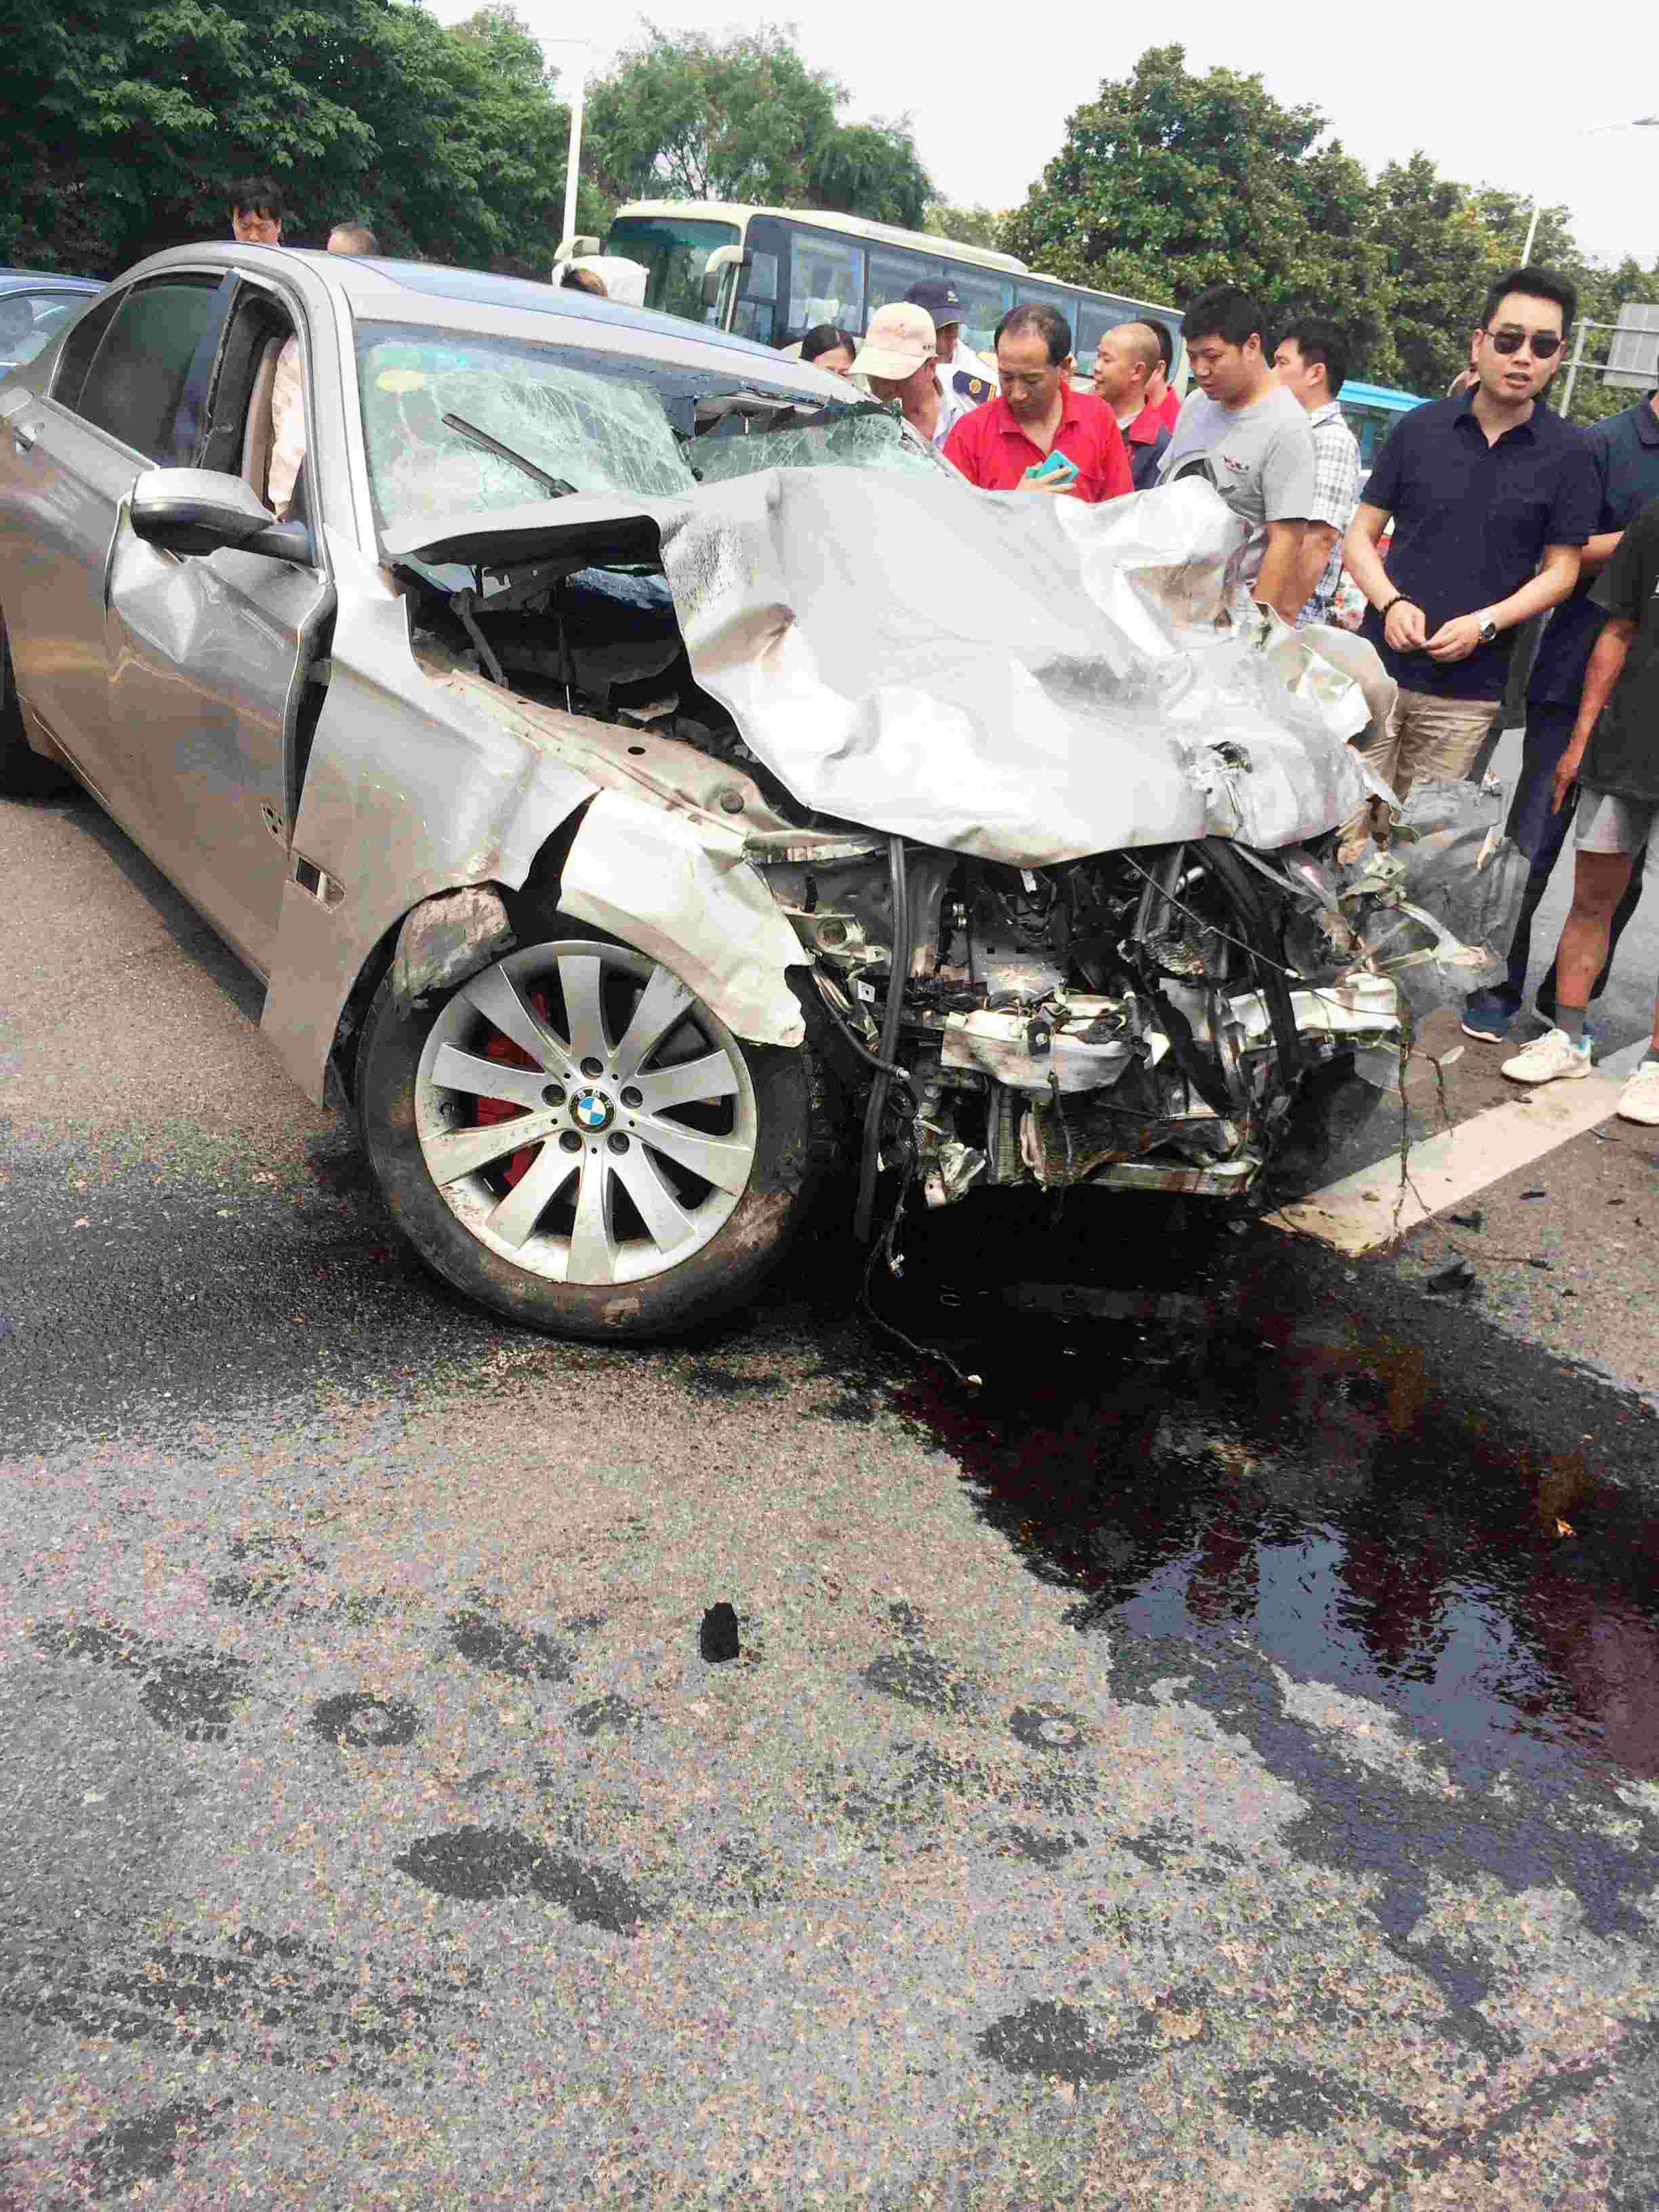 锐视角 1 南京市区发生一起车祸 已知造成2人死亡